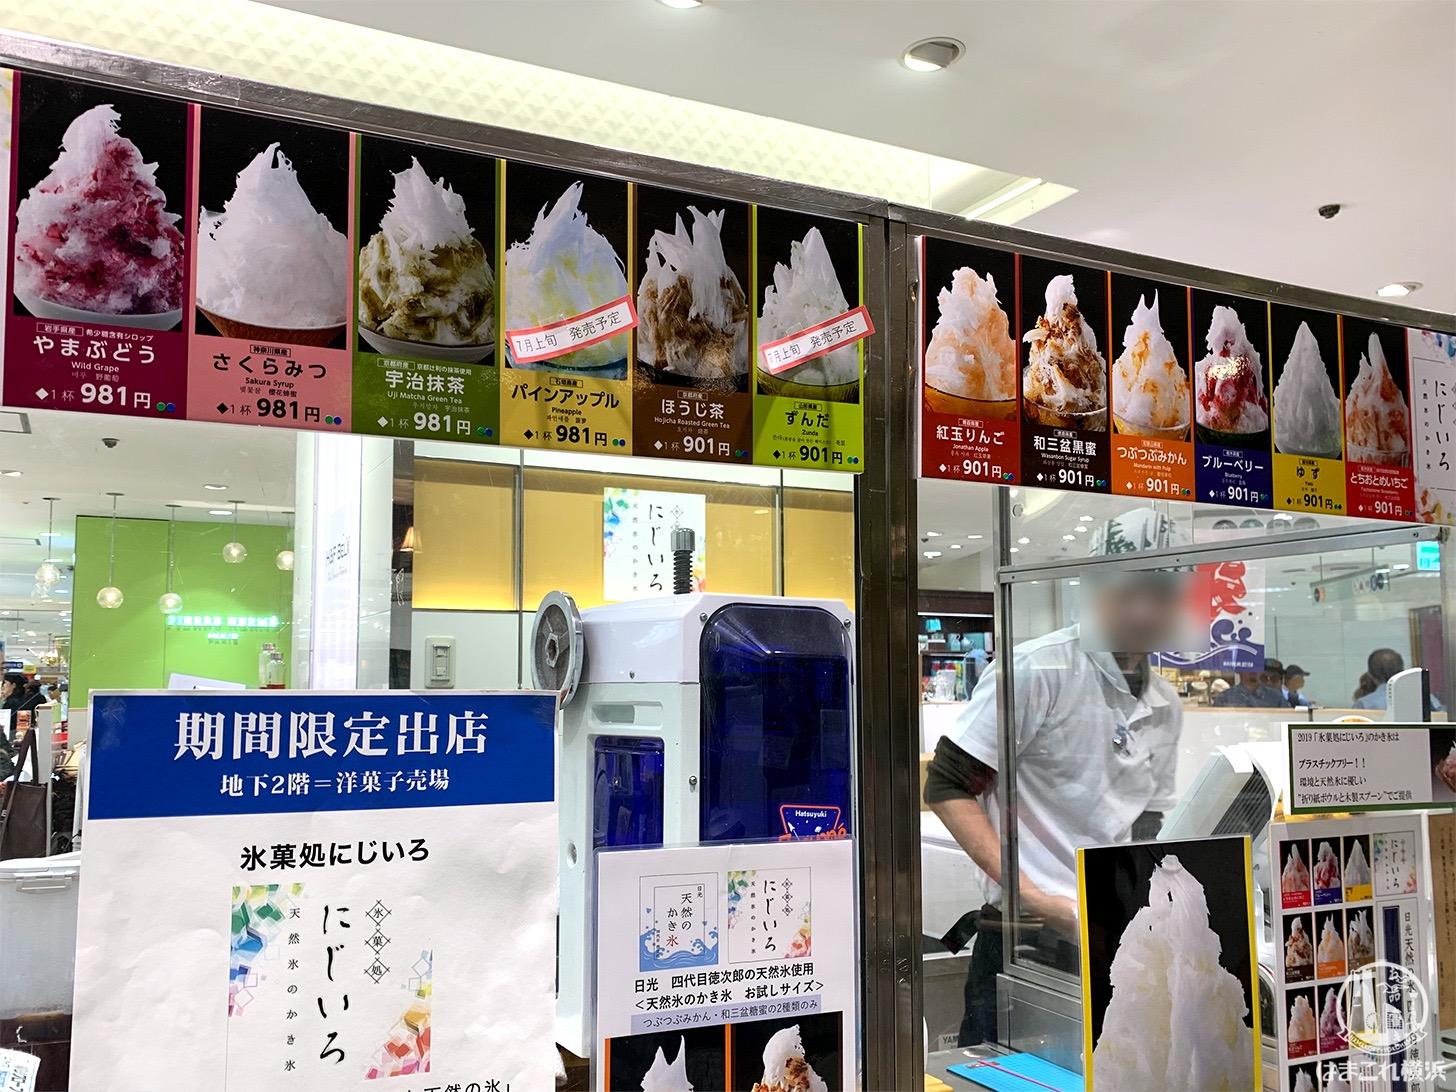 氷菓処にじいろ そごう横浜